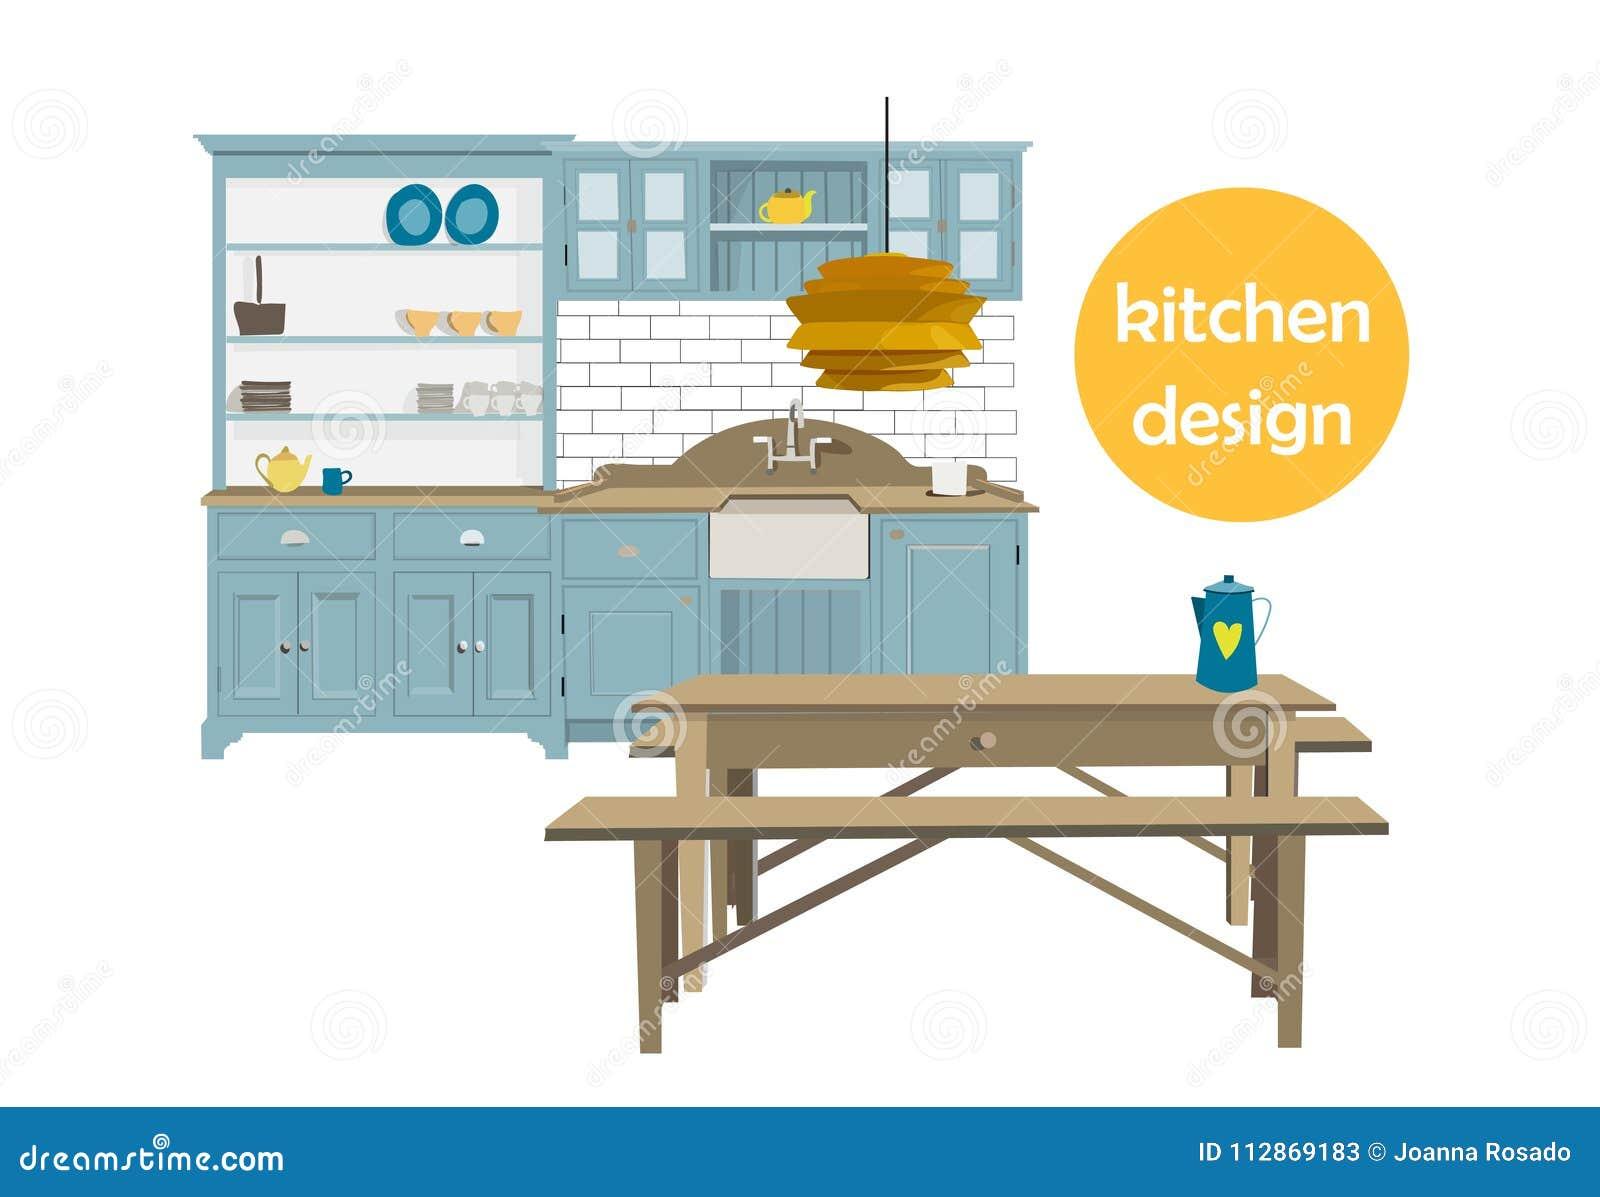 Home Decor Vector Elements Set Collection House Interior Design